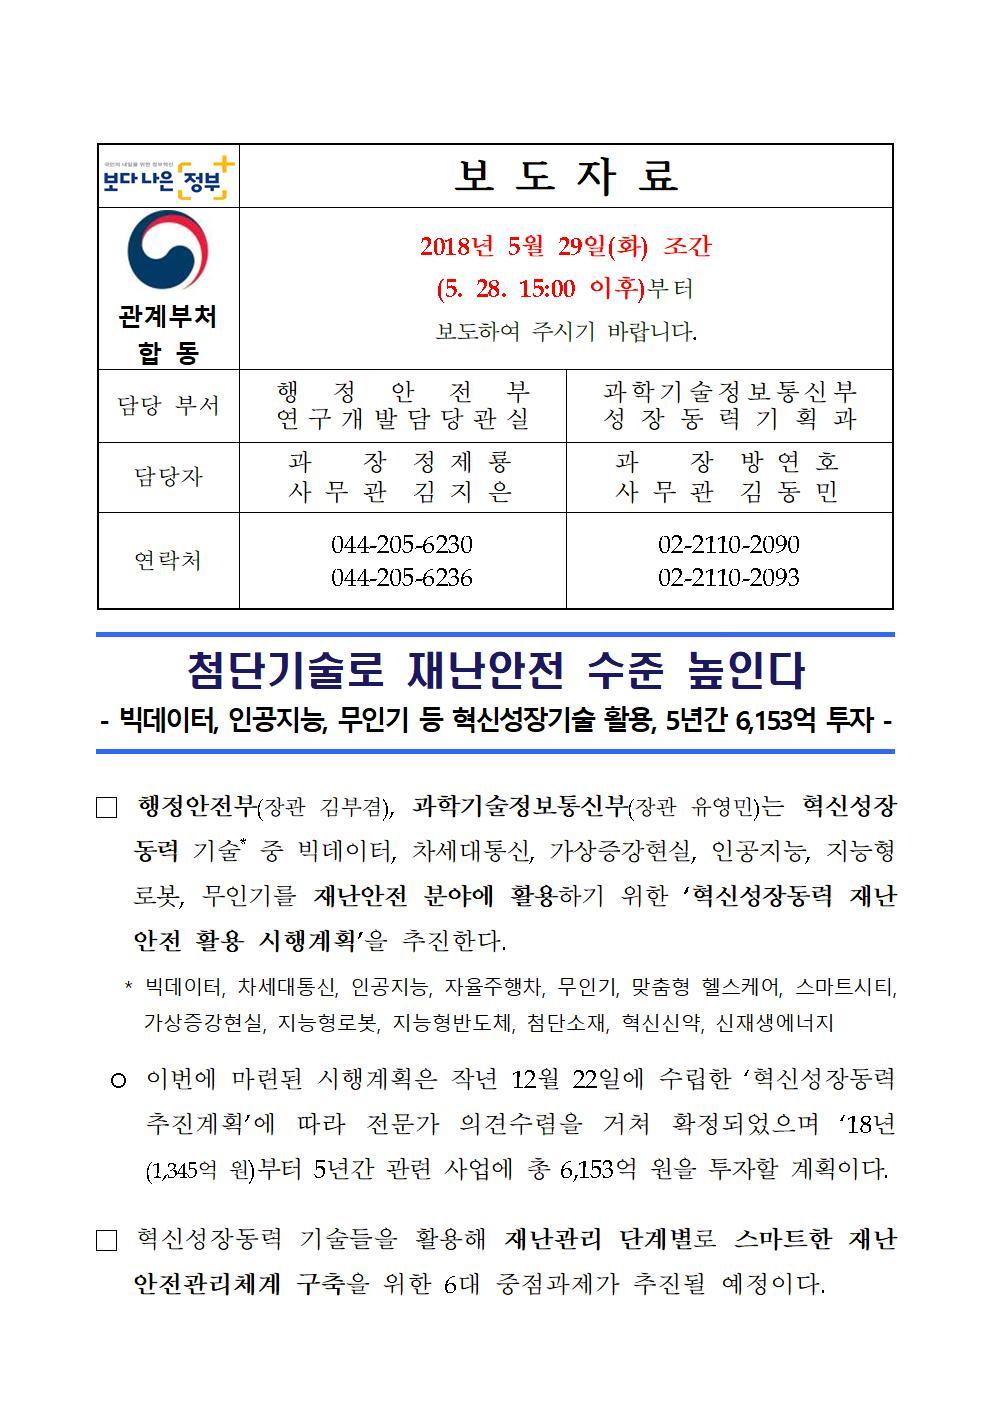 180529 (연구개발담당관실) 첨단기술로 재난안전 수준 높인다(외부)001.jpg